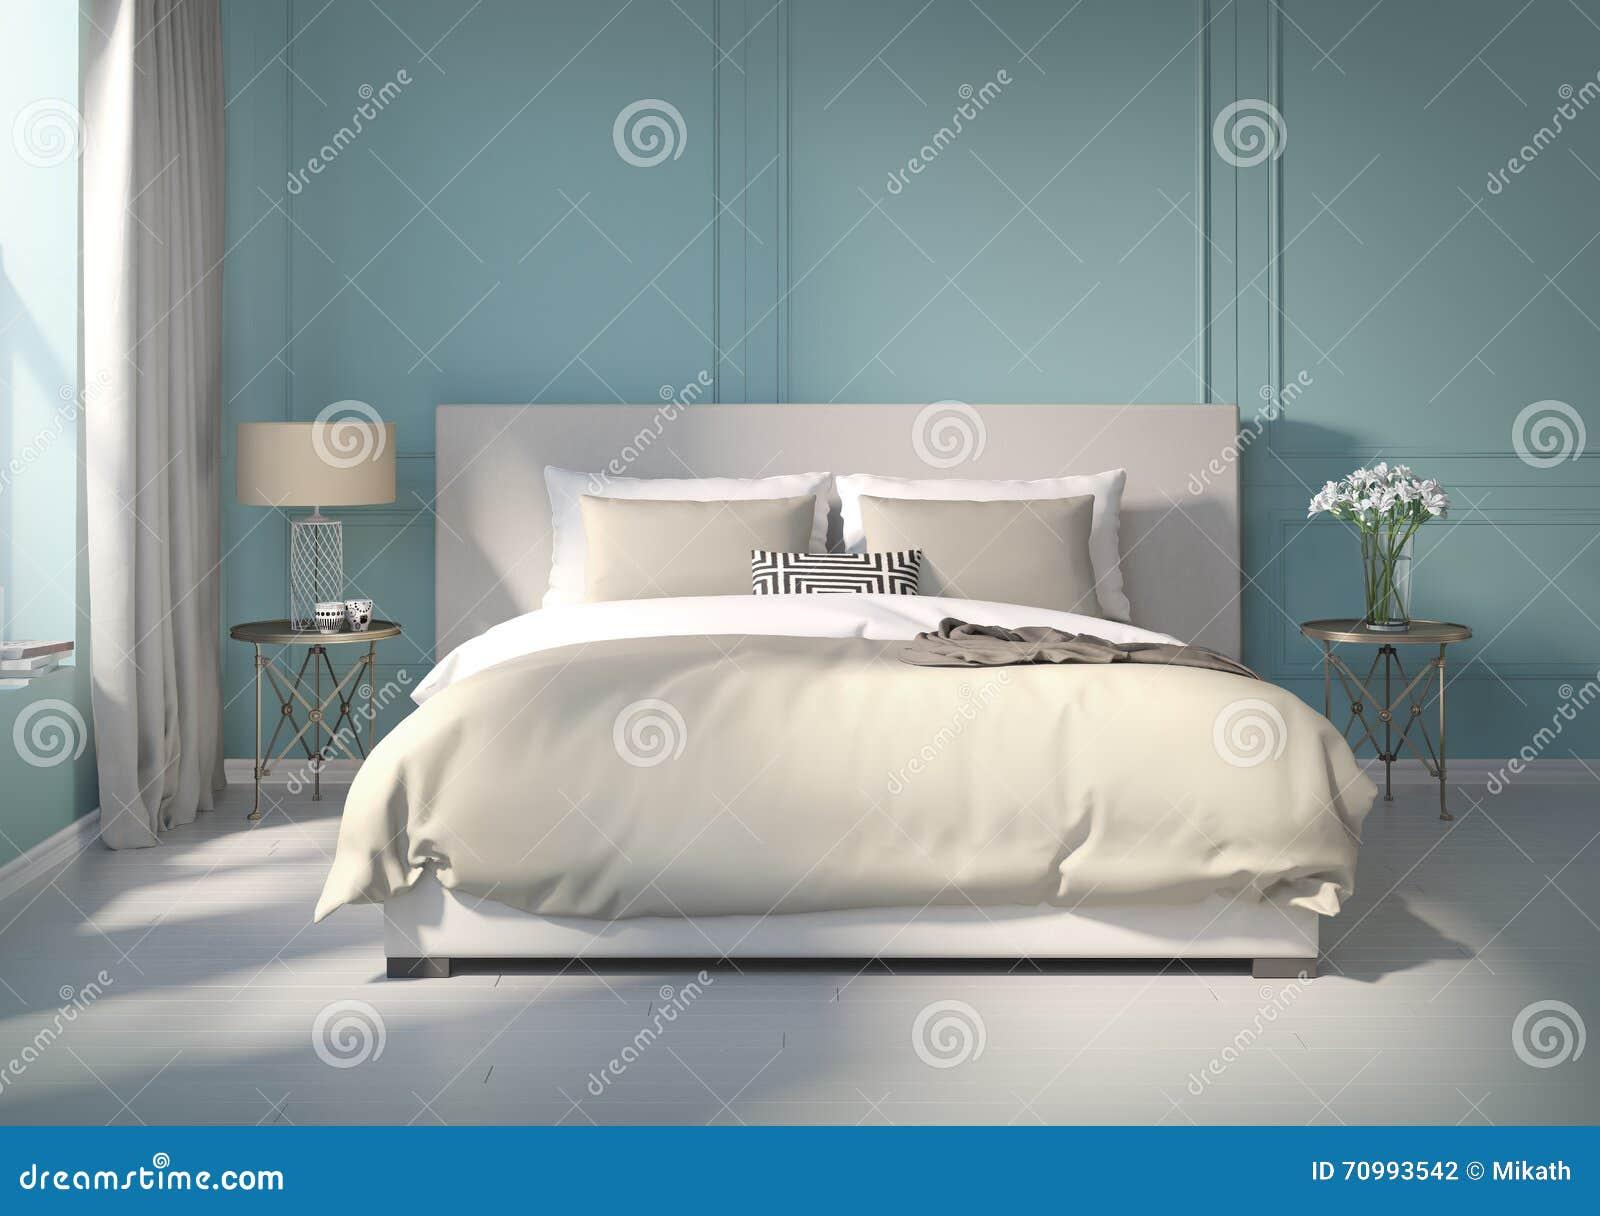 klassieke blauwe slaapkamer met witte vloer stock illustratie, Meubels Ideeën